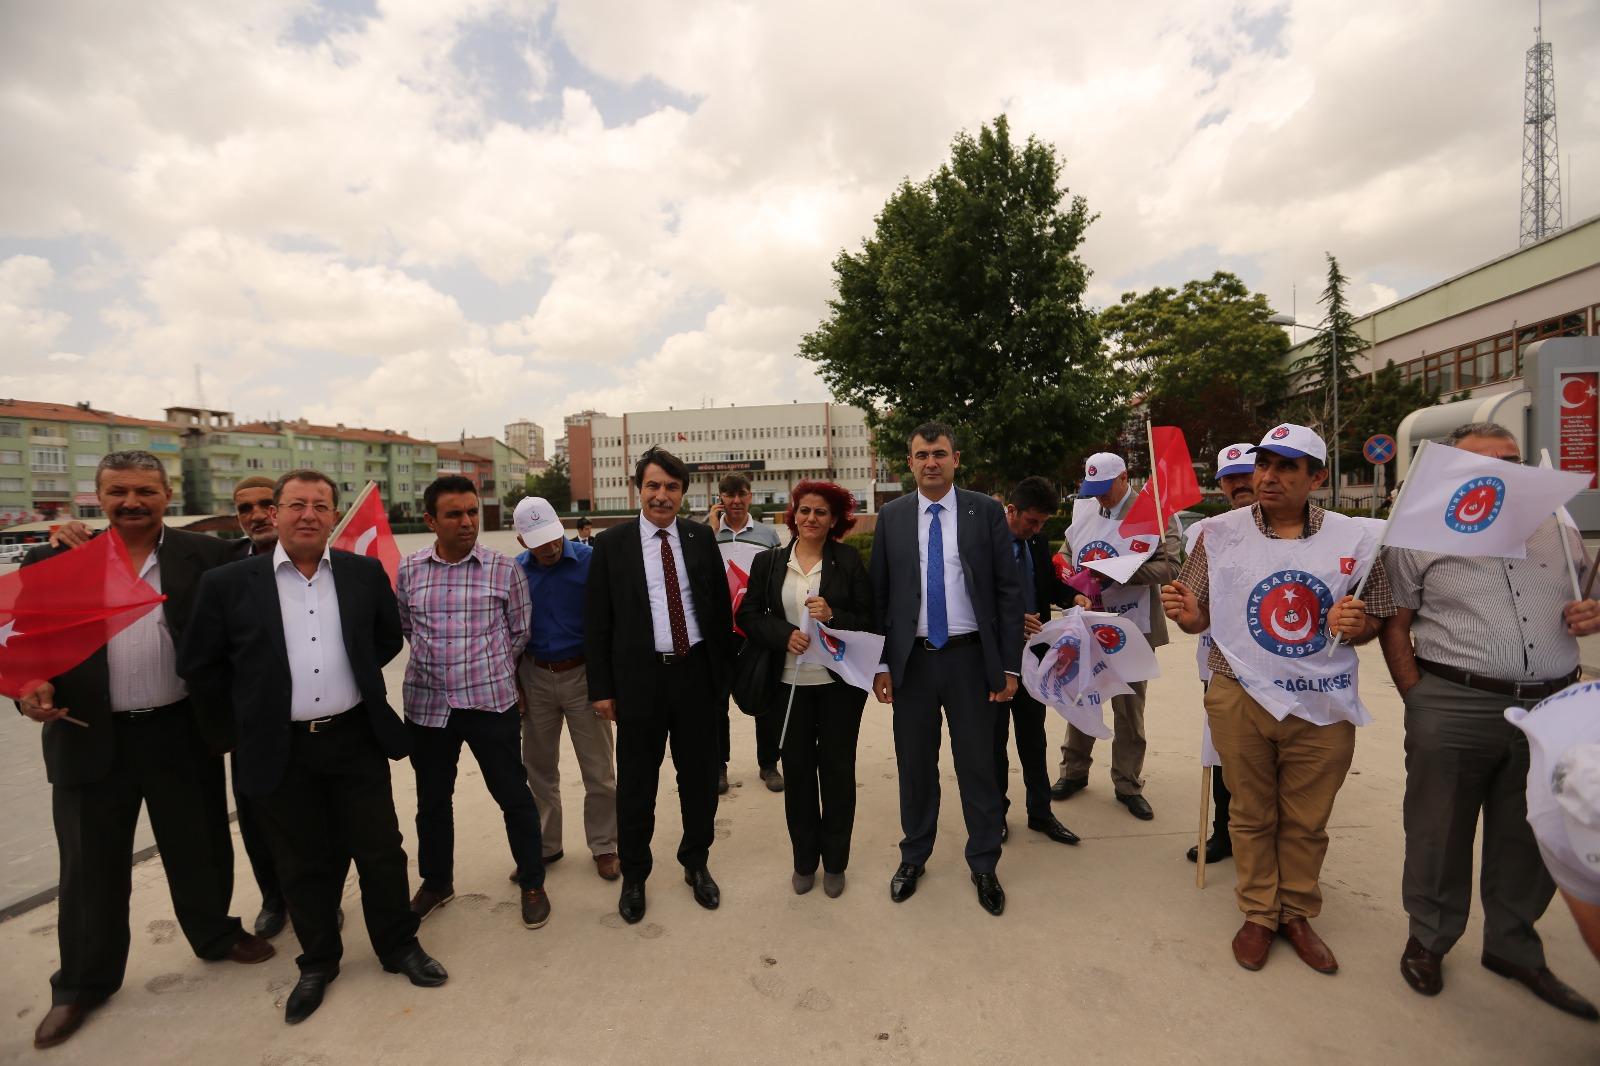 Genel Başkan Yardımcılarımız İsmail Türk ve Mustafa Köse Niğde'de Şube Başkanımız Adnan Özer ve şube yöneticilerimizle birlikte üyelerimize yapılan haksız uygulamalar hakkında bir basın açıklaması yaptılar.